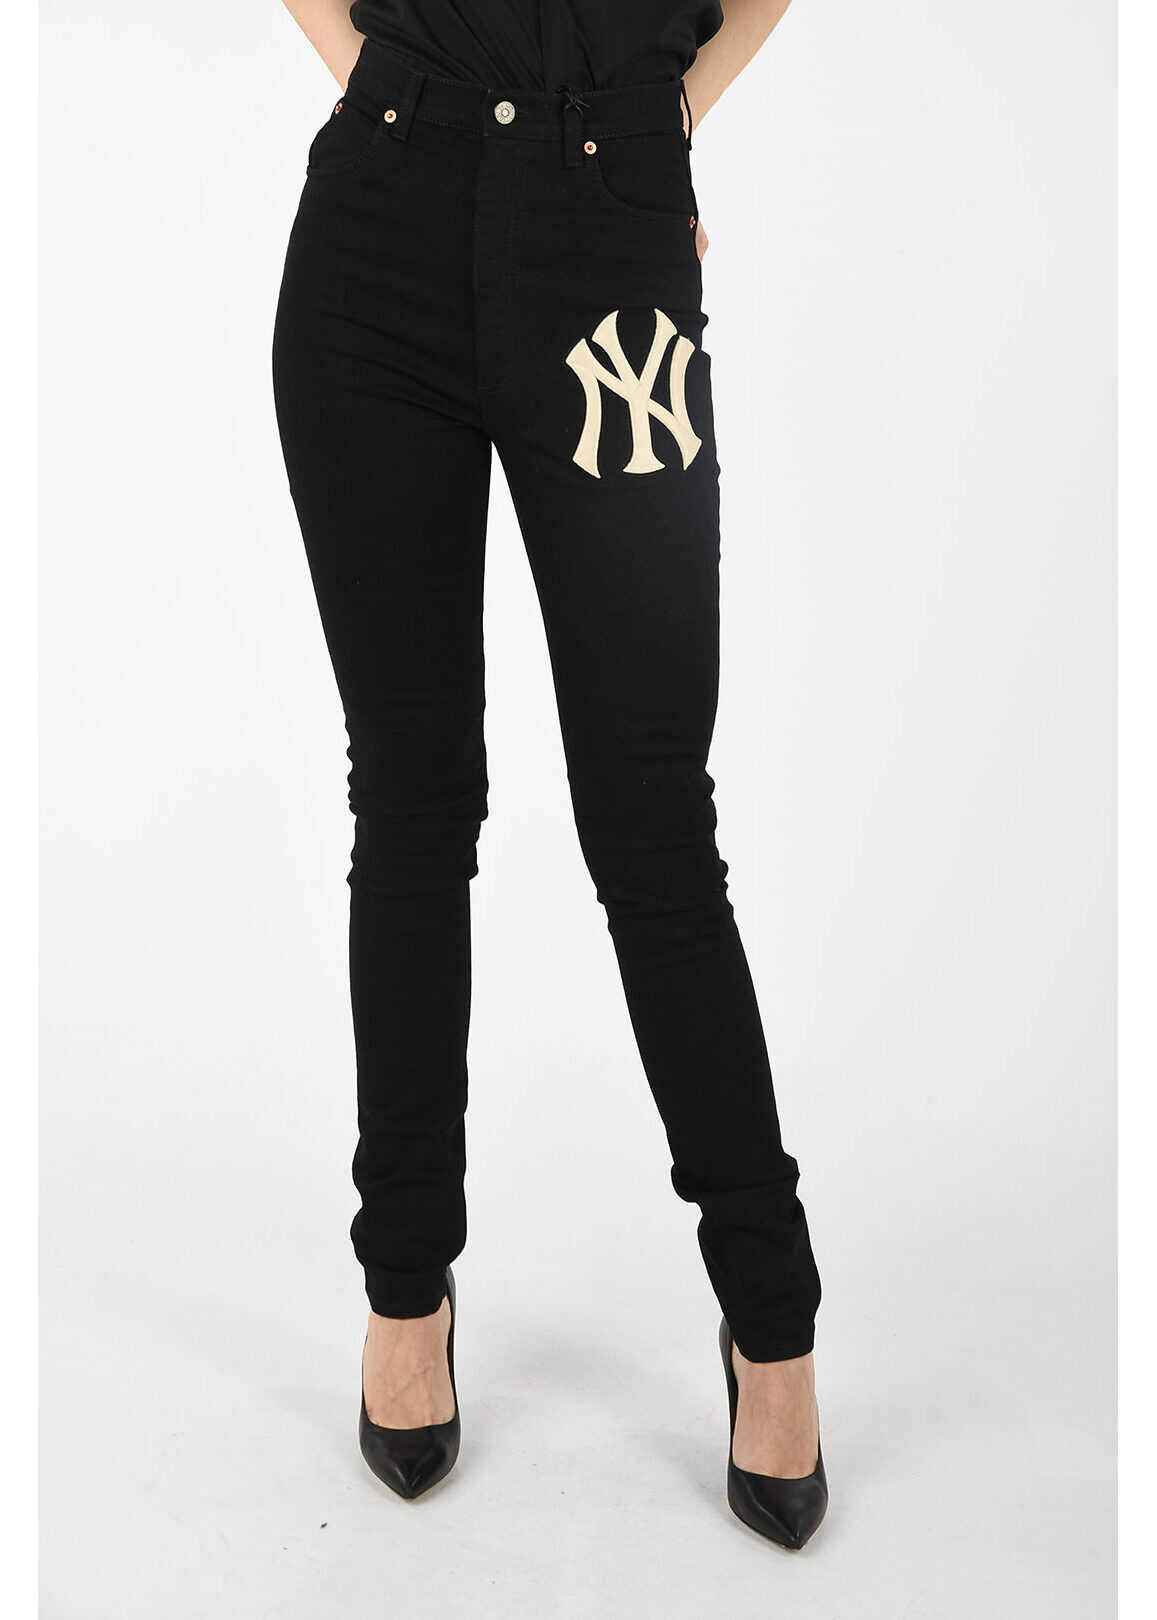 Gucci high-rise waist jeans BLACK